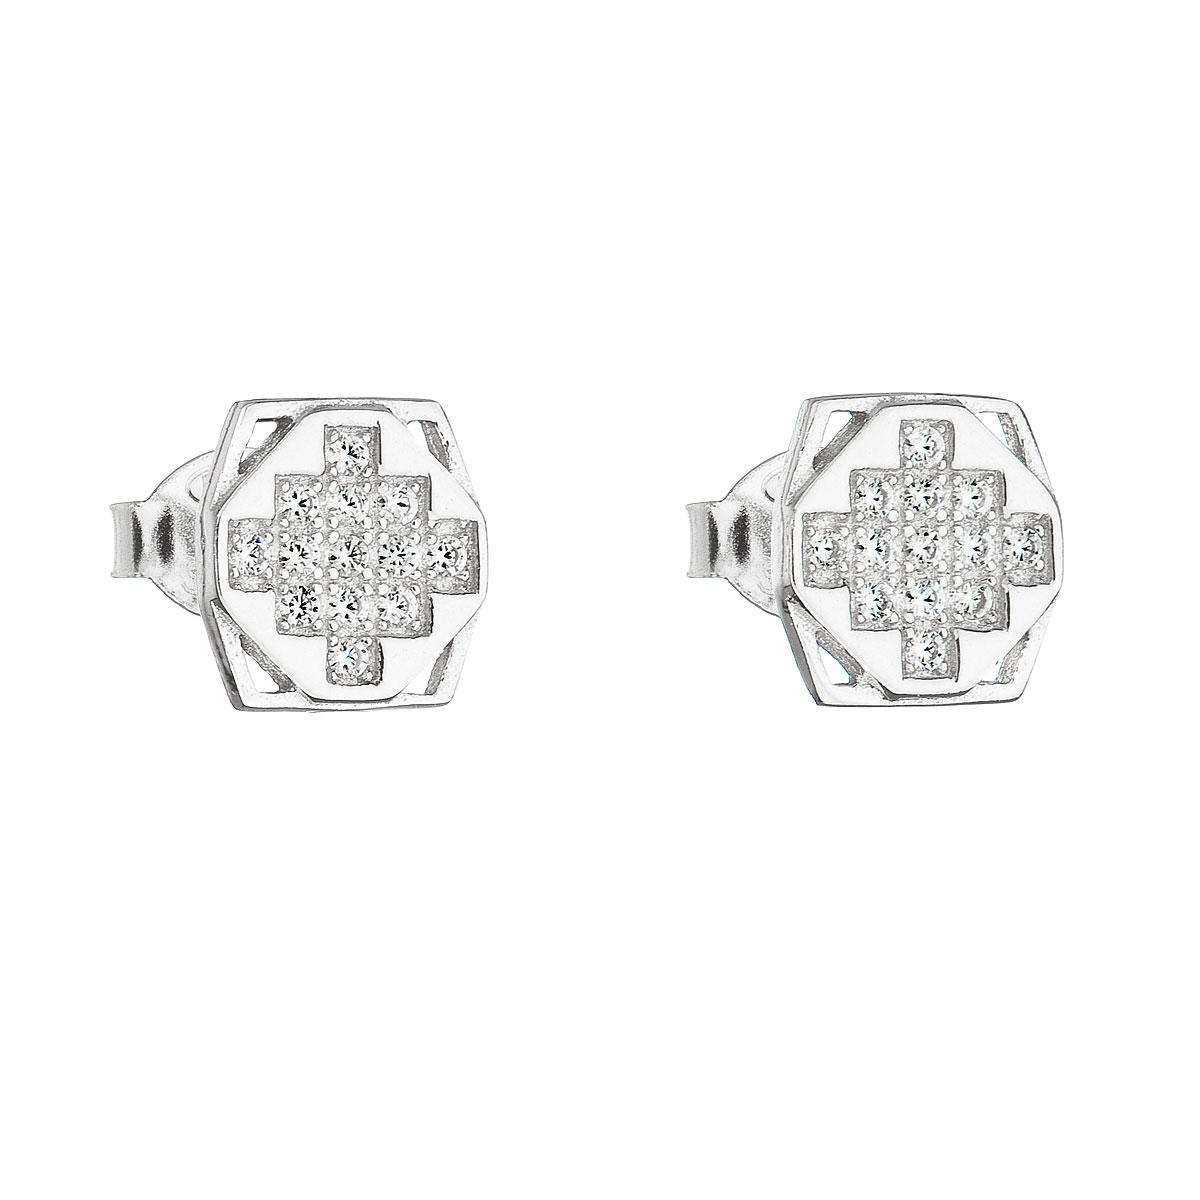 Stříbrné náušnice pecka se zirkonem bílý čtverec EG2146